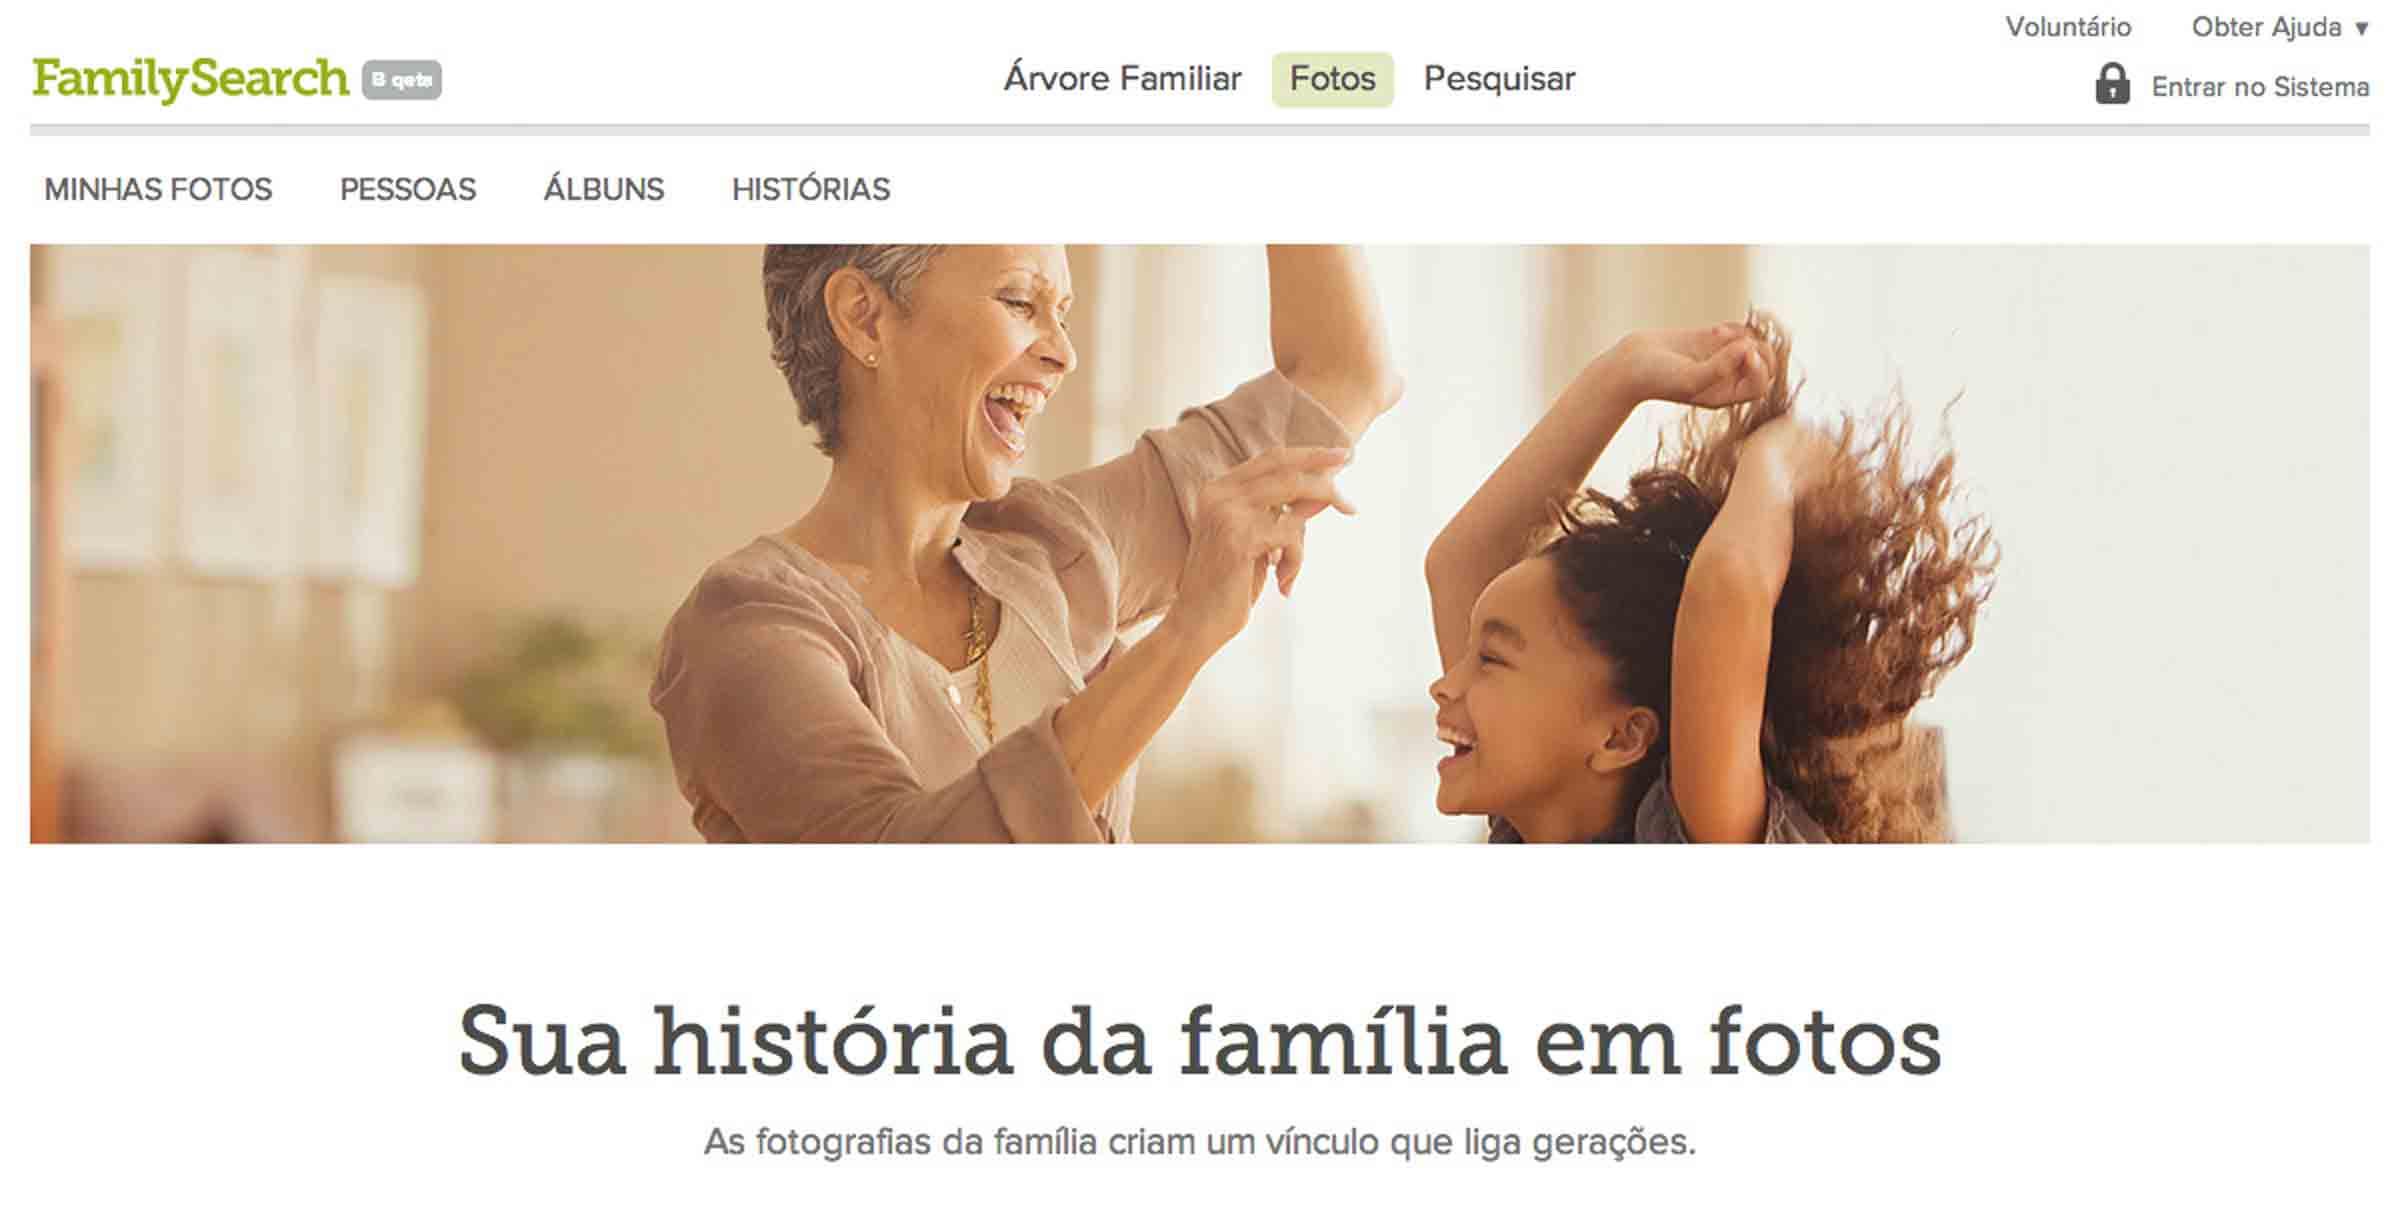 Nova experiência de navegação do FamilySearch